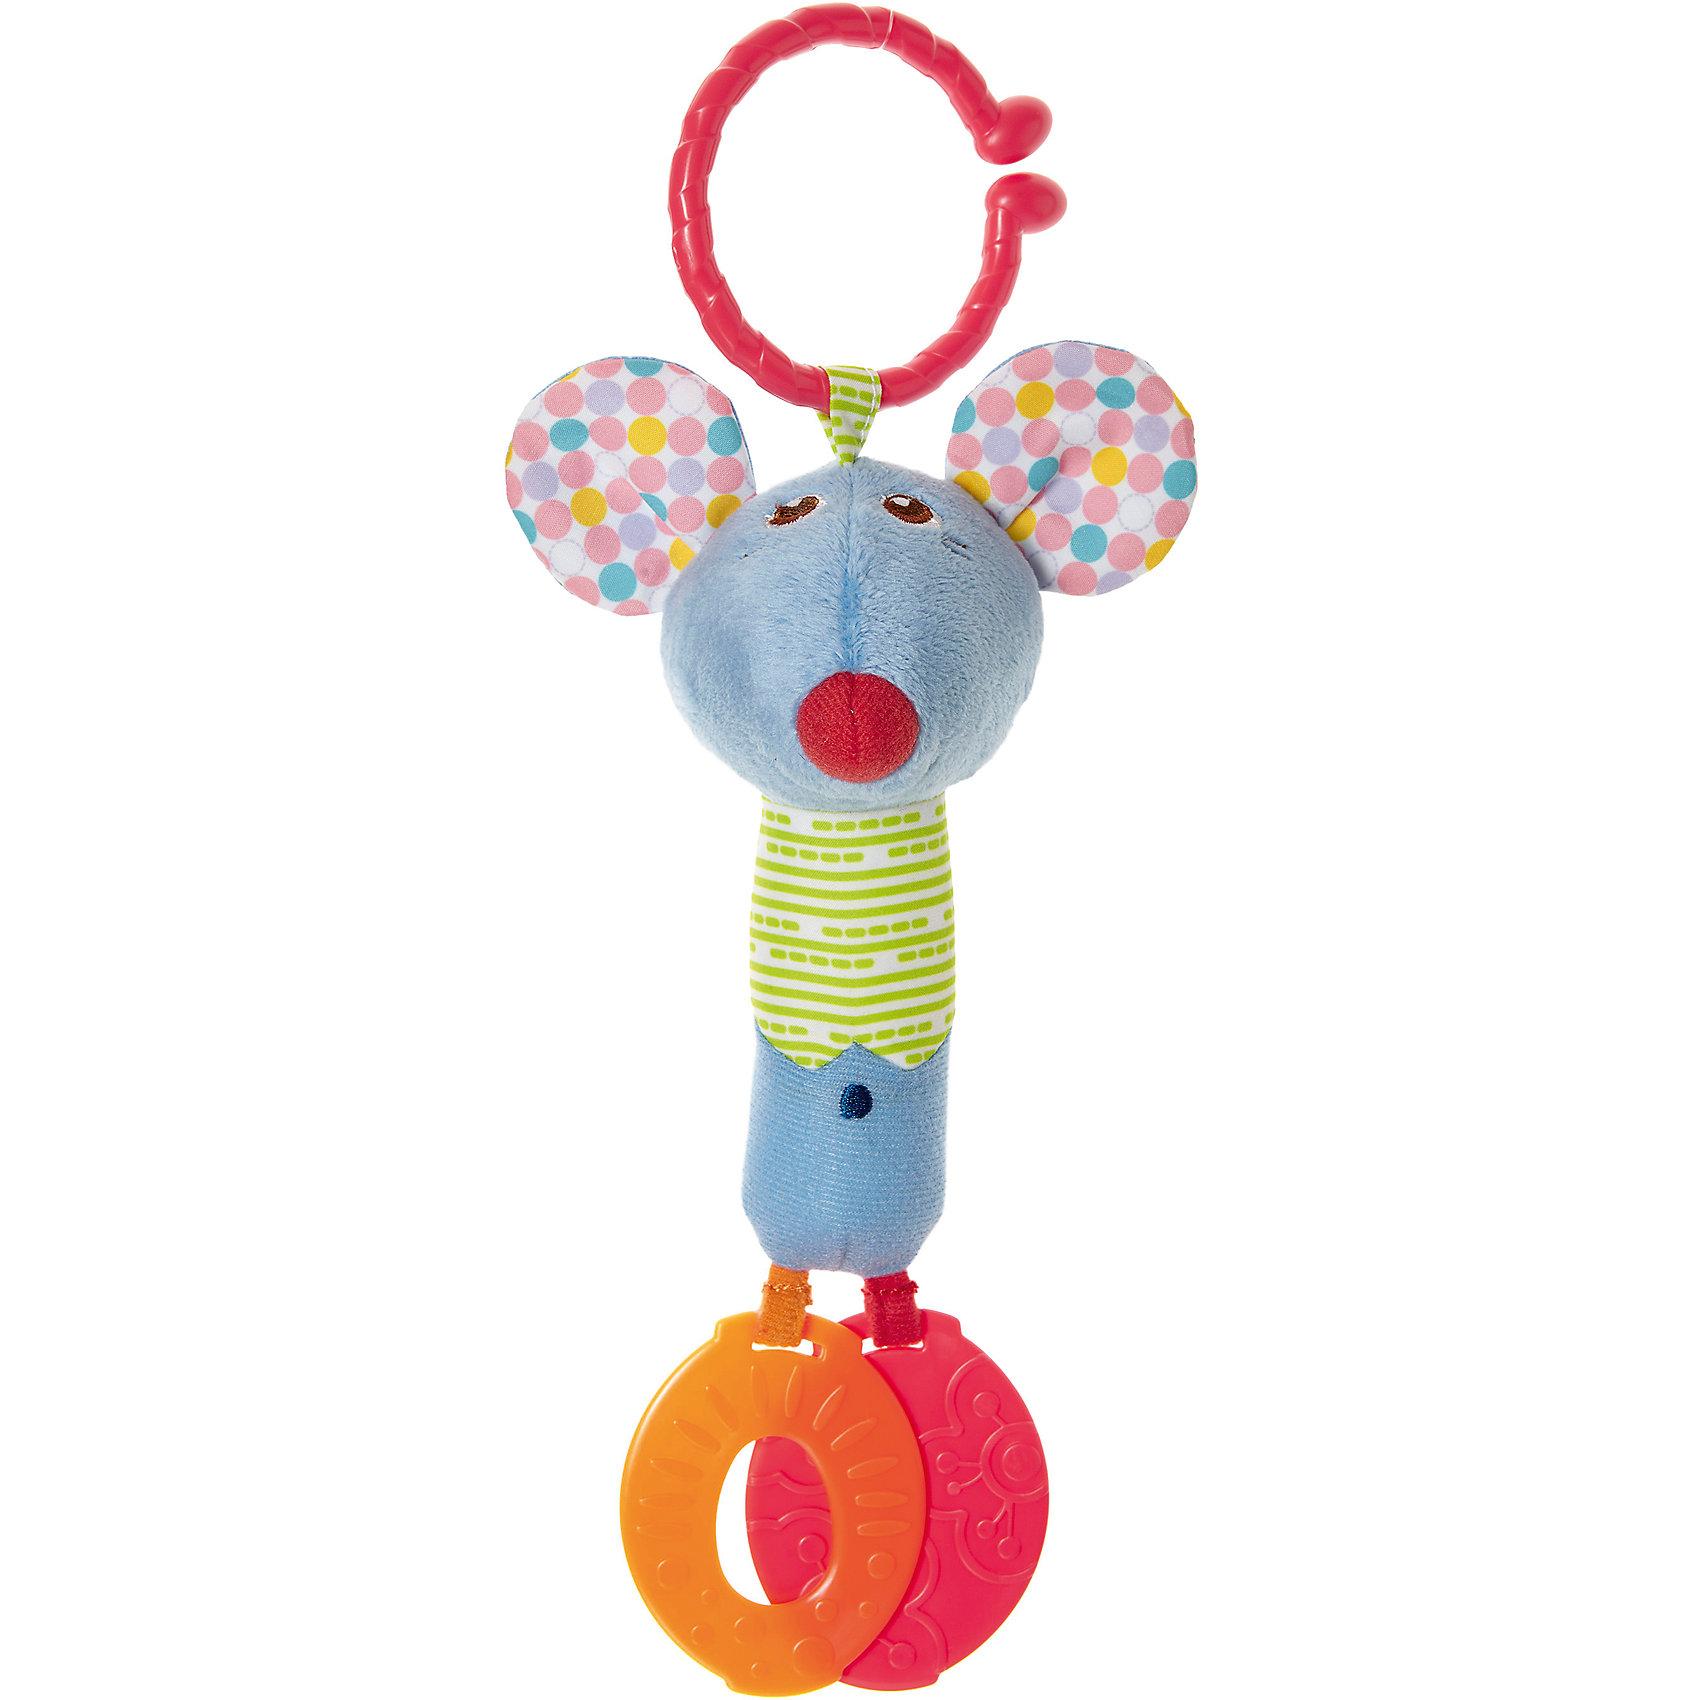 Погремушка для коляски Мышонок, CHICCOПогремушка для коляски Мышонок, CHICCO (ЧИКО) – это многофункциональная развивающая игрушка.<br>Погремушка для коляски Мышонок выполнена из мягкой ткани разной фактуры, у игрушки есть удобное крепление в виде широкого разомкнутого колечка для подвешивания ее к бортику кроватки или бамперу коляски, благодаря которому можно взять игрушку на прогулку. У мышонка забавная мордочка, в уши игрушки вставлены шуршащие элементы. К ножкам мышонка прикреплены прорезыватели, которые помогут малышу снять неприятные ощущения при появлении первых зубов. Яркая игрушка поможет развить у малыша мелкую моторику рук, звуковое и зрительное восприятие, тактильные ощущения, координацию движений, а милый жизнерадостный образ подарит малышу хорошее настроение.<br><br>Дополнительная информация:<br><br>- Материал: текстиль, пластик<br>- Размер упаковки: 188х142х70 мм.<br>- Вес: 75 гр.<br>- Уход: допускается машинная стирка игрушки при 30 градусах<br><br>Погремушку для коляски Мышонок, CHICCO (ЧИКО) можно купить в нашем интернет-магазине.<br><br>Ширина мм: 188<br>Глубина мм: 142<br>Высота мм: 70<br>Вес г: 75<br>Возраст от месяцев: 6<br>Возраст до месяцев: 36<br>Пол: Унисекс<br>Возраст: Детский<br>SKU: 4577222